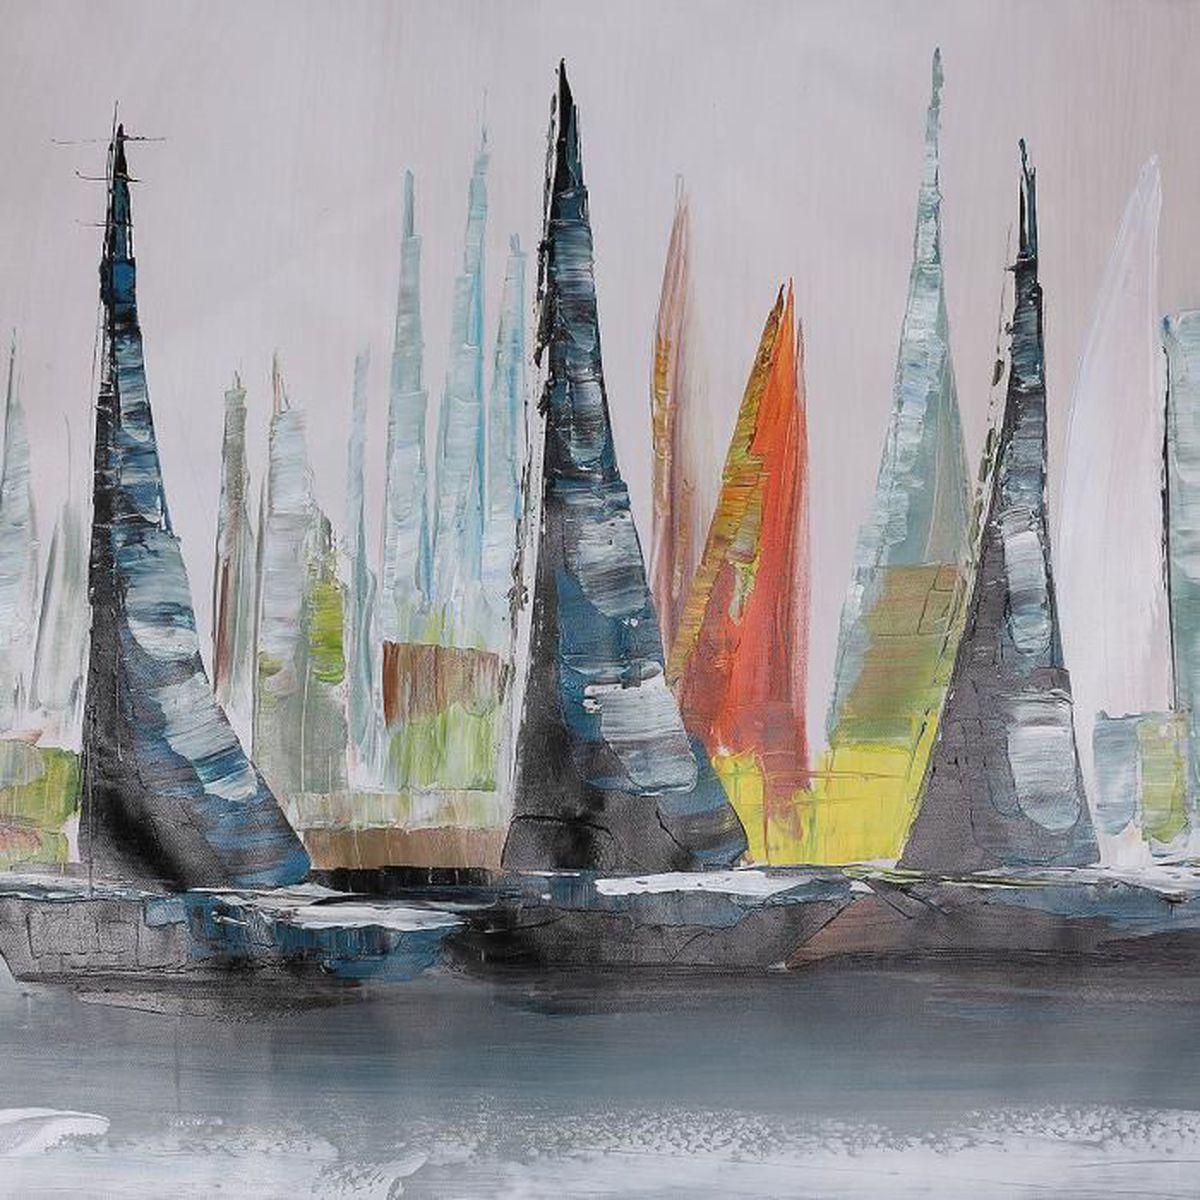 Peinture huile toile tableau bateau abstrait art moderne d cor mur achat - Tableau peinture huile moderne ...